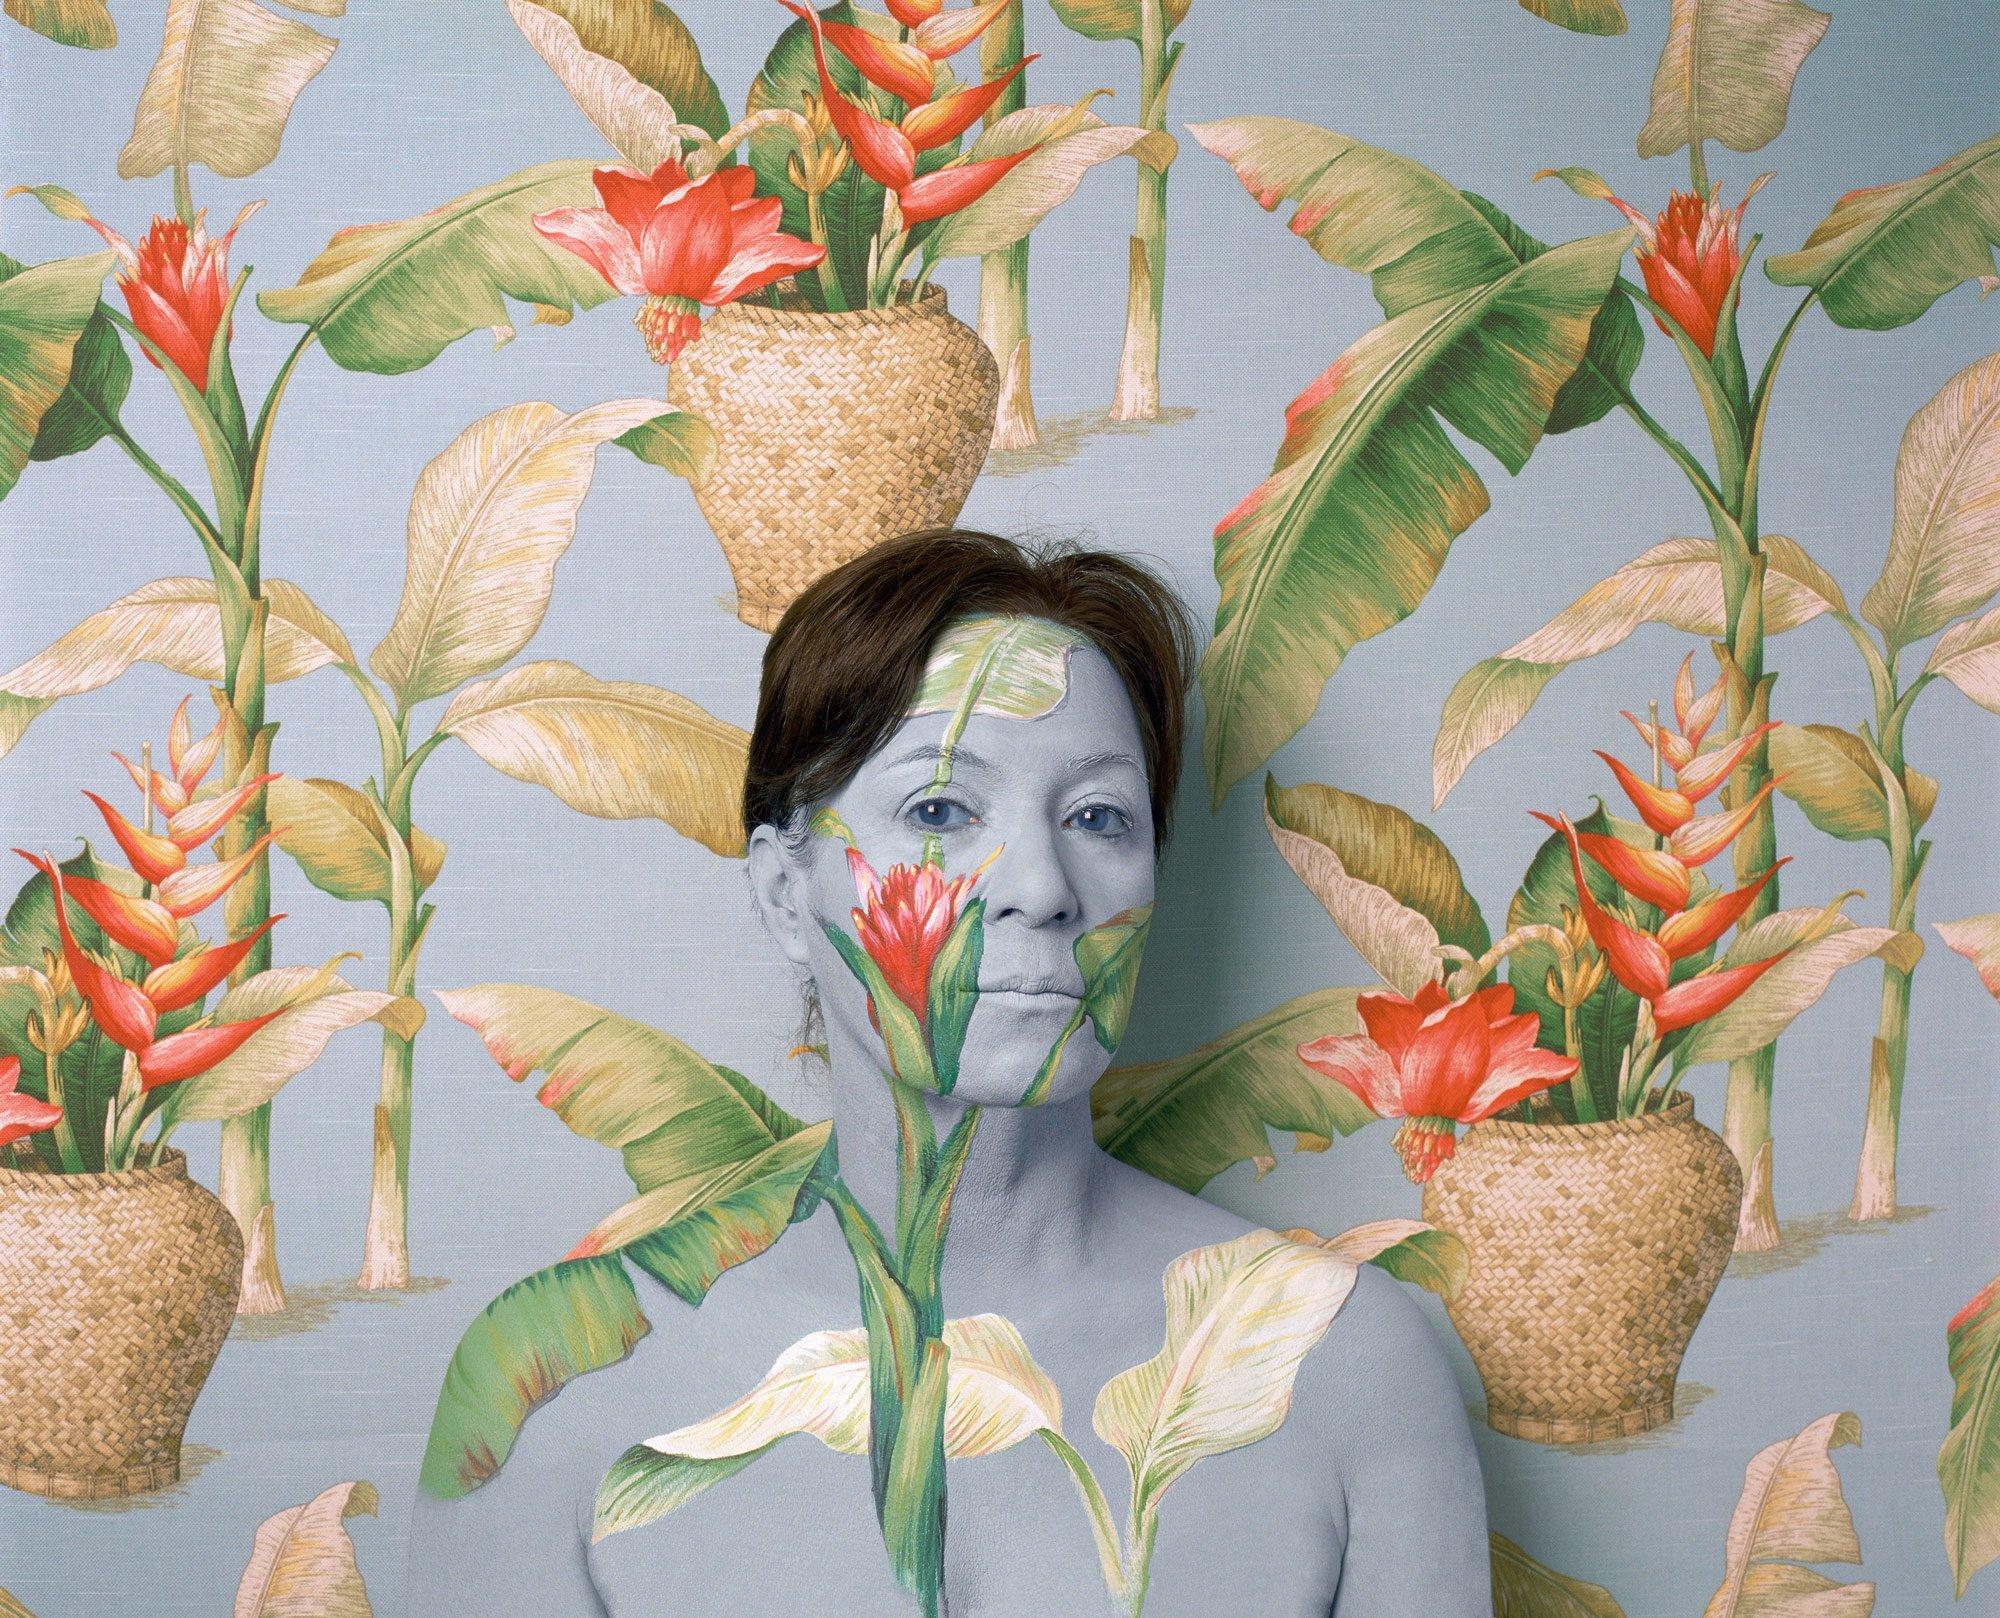 cecilia parades portraits camouflages 9.jpg?resize=412,232 - Grâce au maquillage, cette artiste s'intègre à de superbes tapisseries